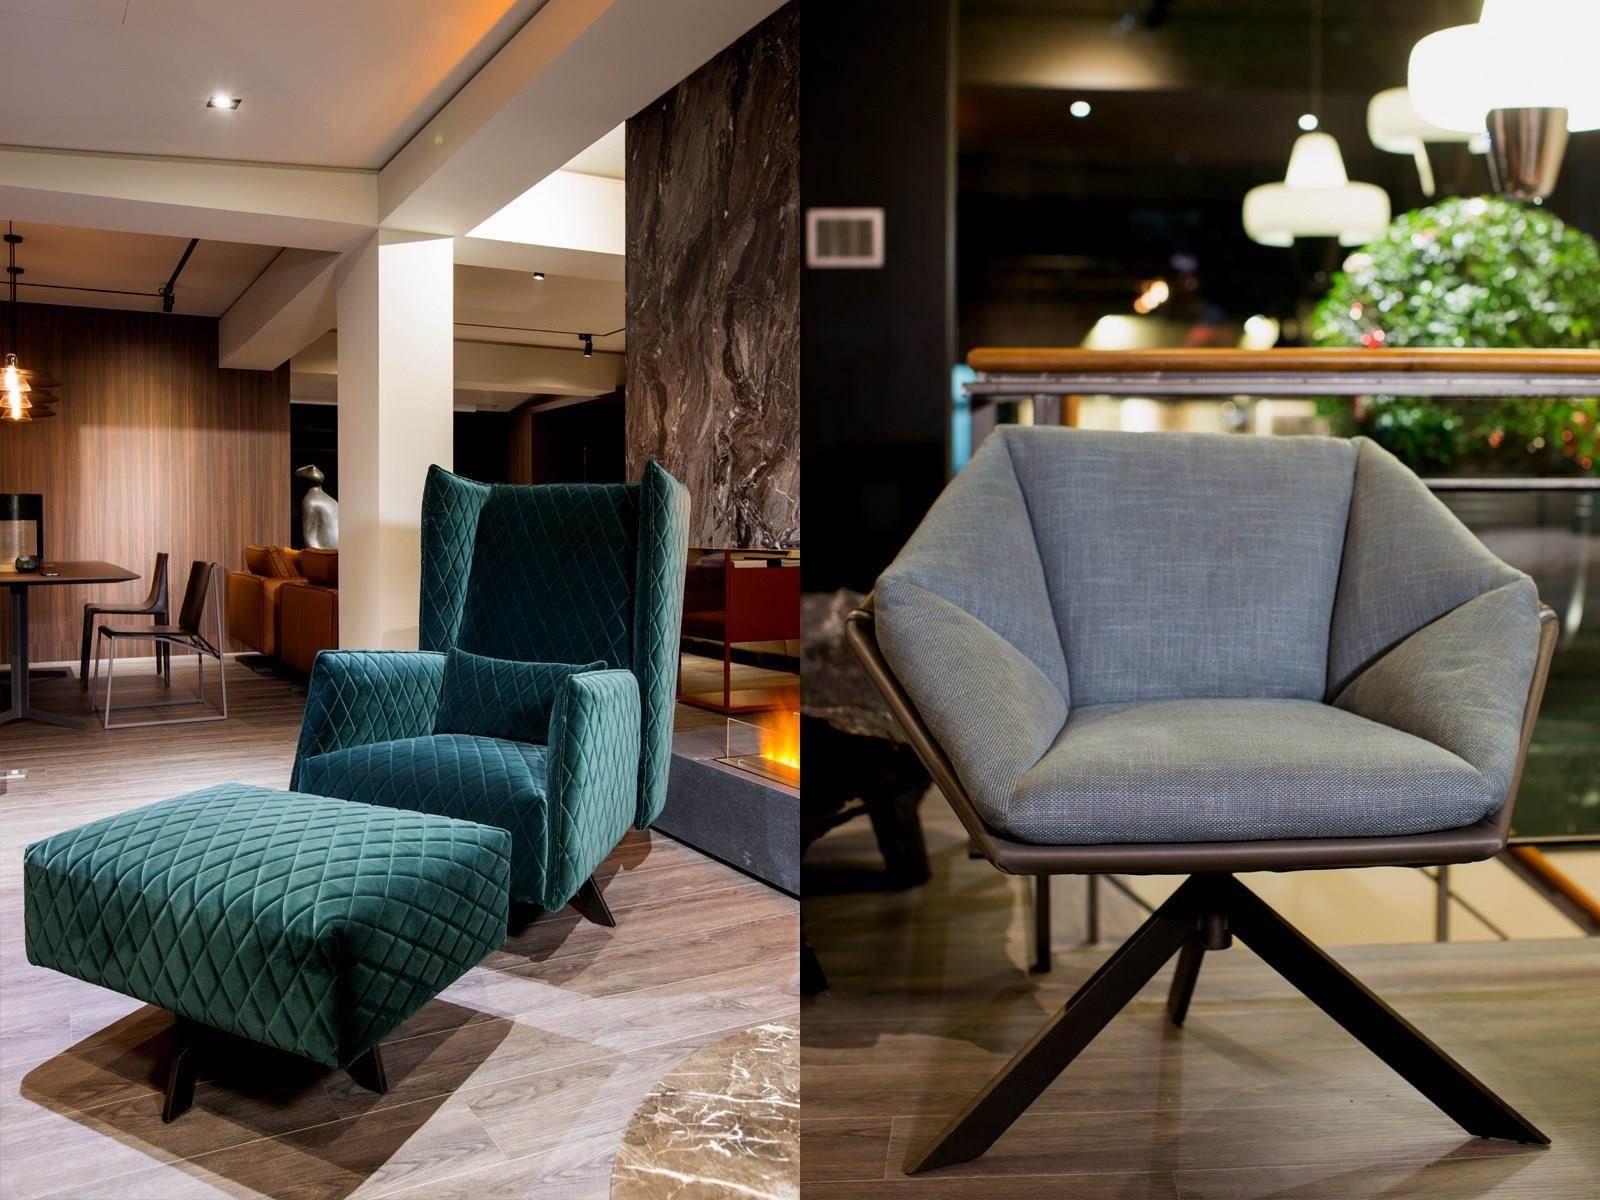 (左)ANN 扶手椅為 Papadatos 深受好評的熱門款式,有著極佳的舒適性;(右) Grace 扶手椅以幾何美感呈現現代都會風情,是款兼具外型與機能性的扶手椅。